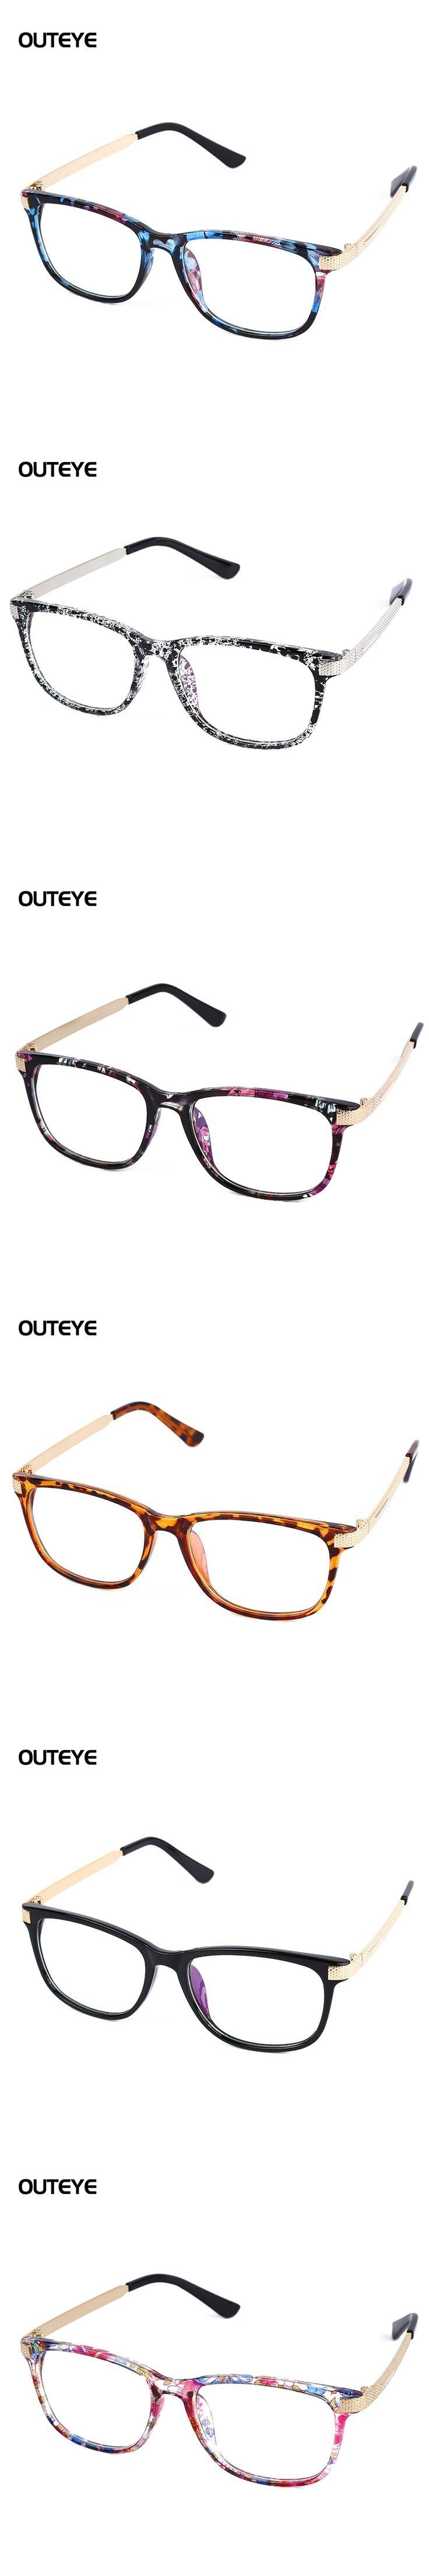 9 Color Hot optical myopia glasses clear lens eyewear nerd geek glasses frame brand sun shade eyeglasses frames for men women W1